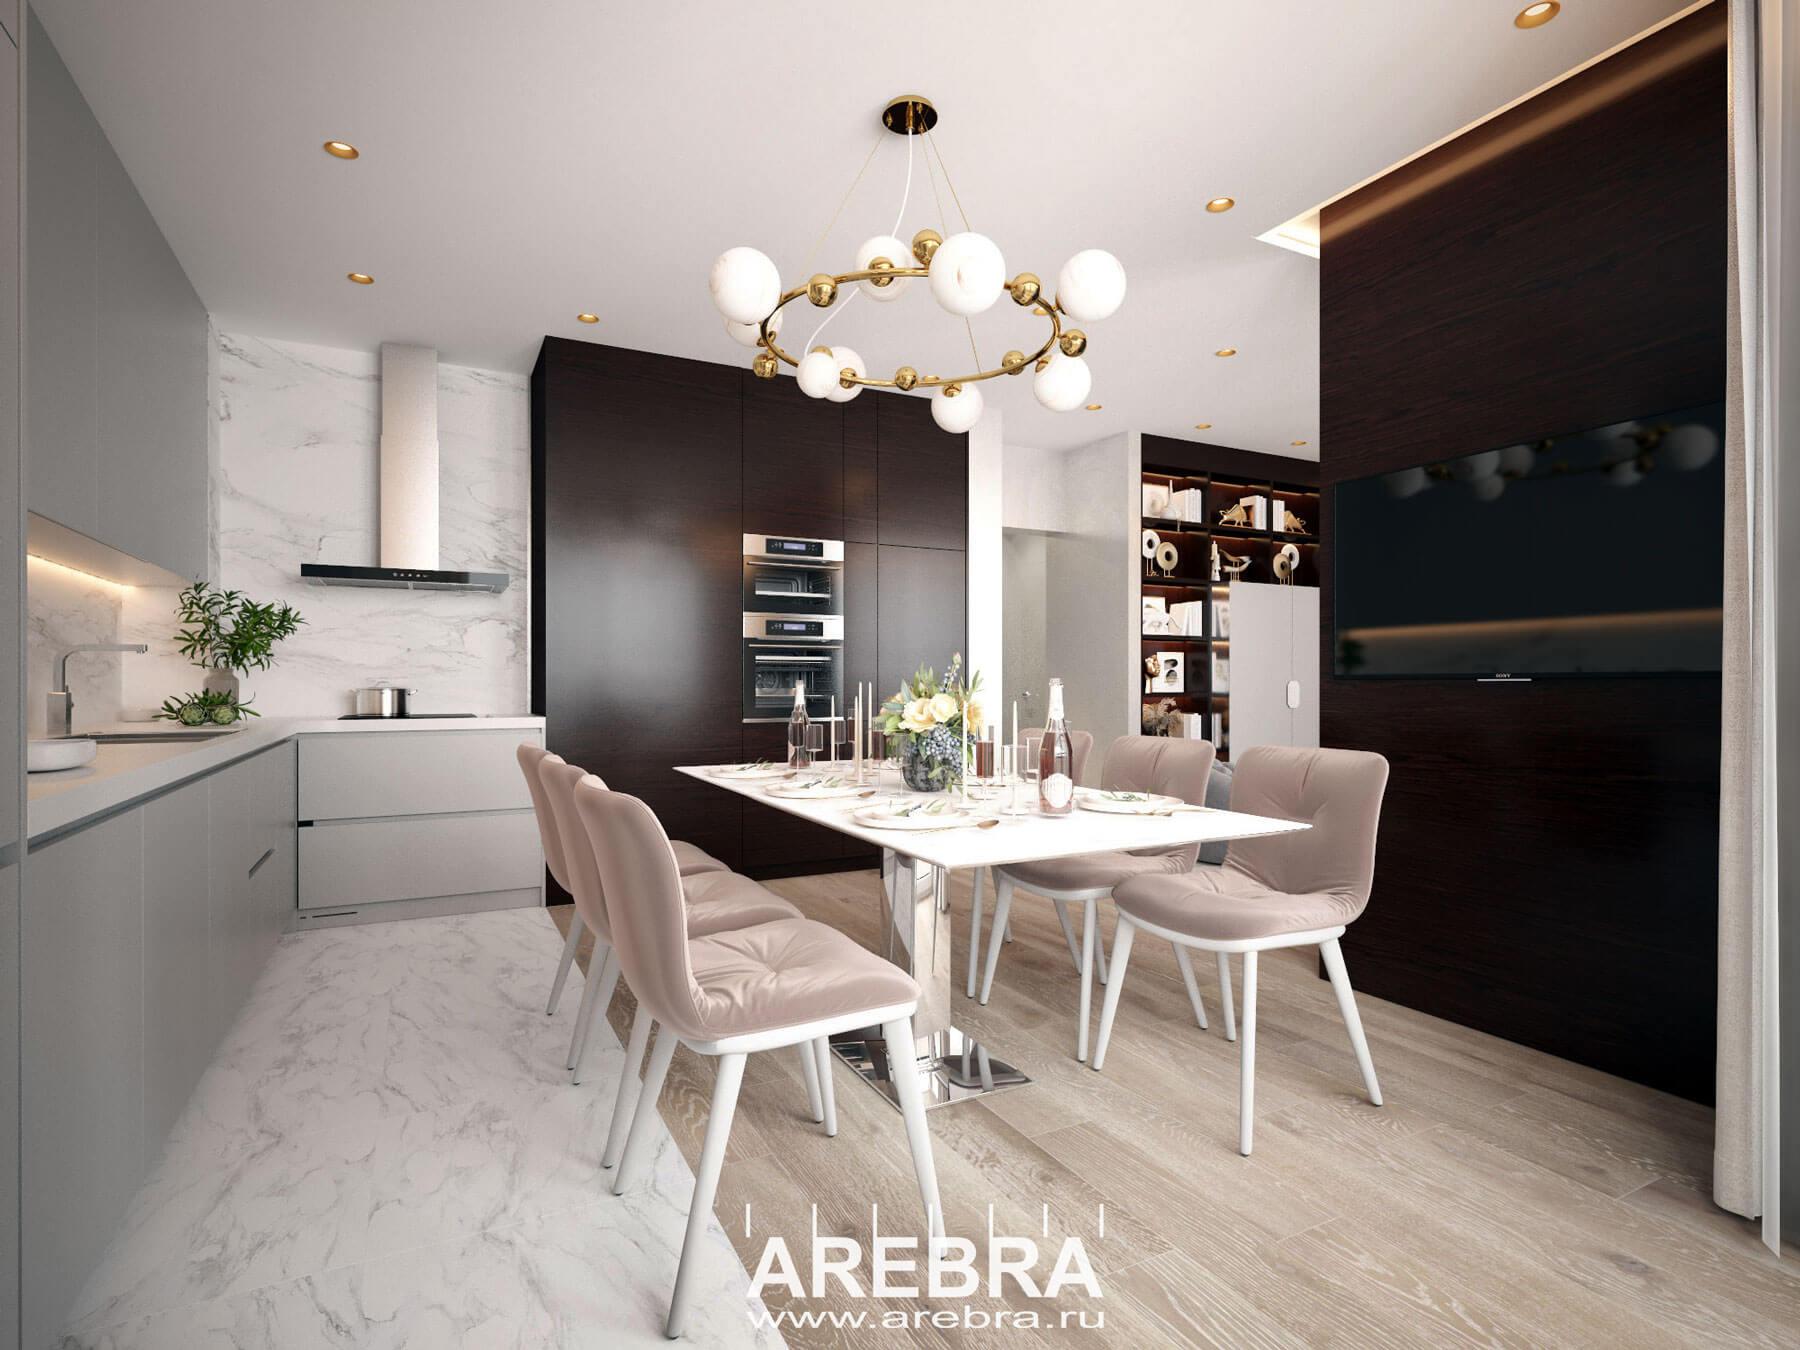 Дизайн проект интерьера квартиры по адресу г. Санкт-Петербург ул. Заречная, д.10, ЖК ПРАГМА СИТИ